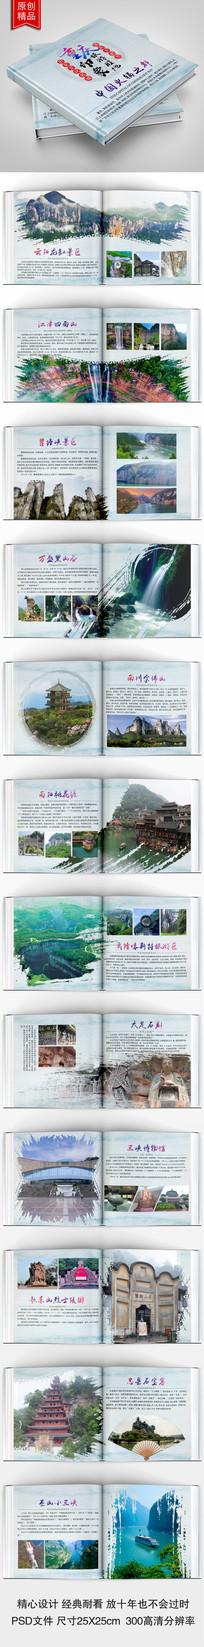 经典中国风重庆印象旅游画册